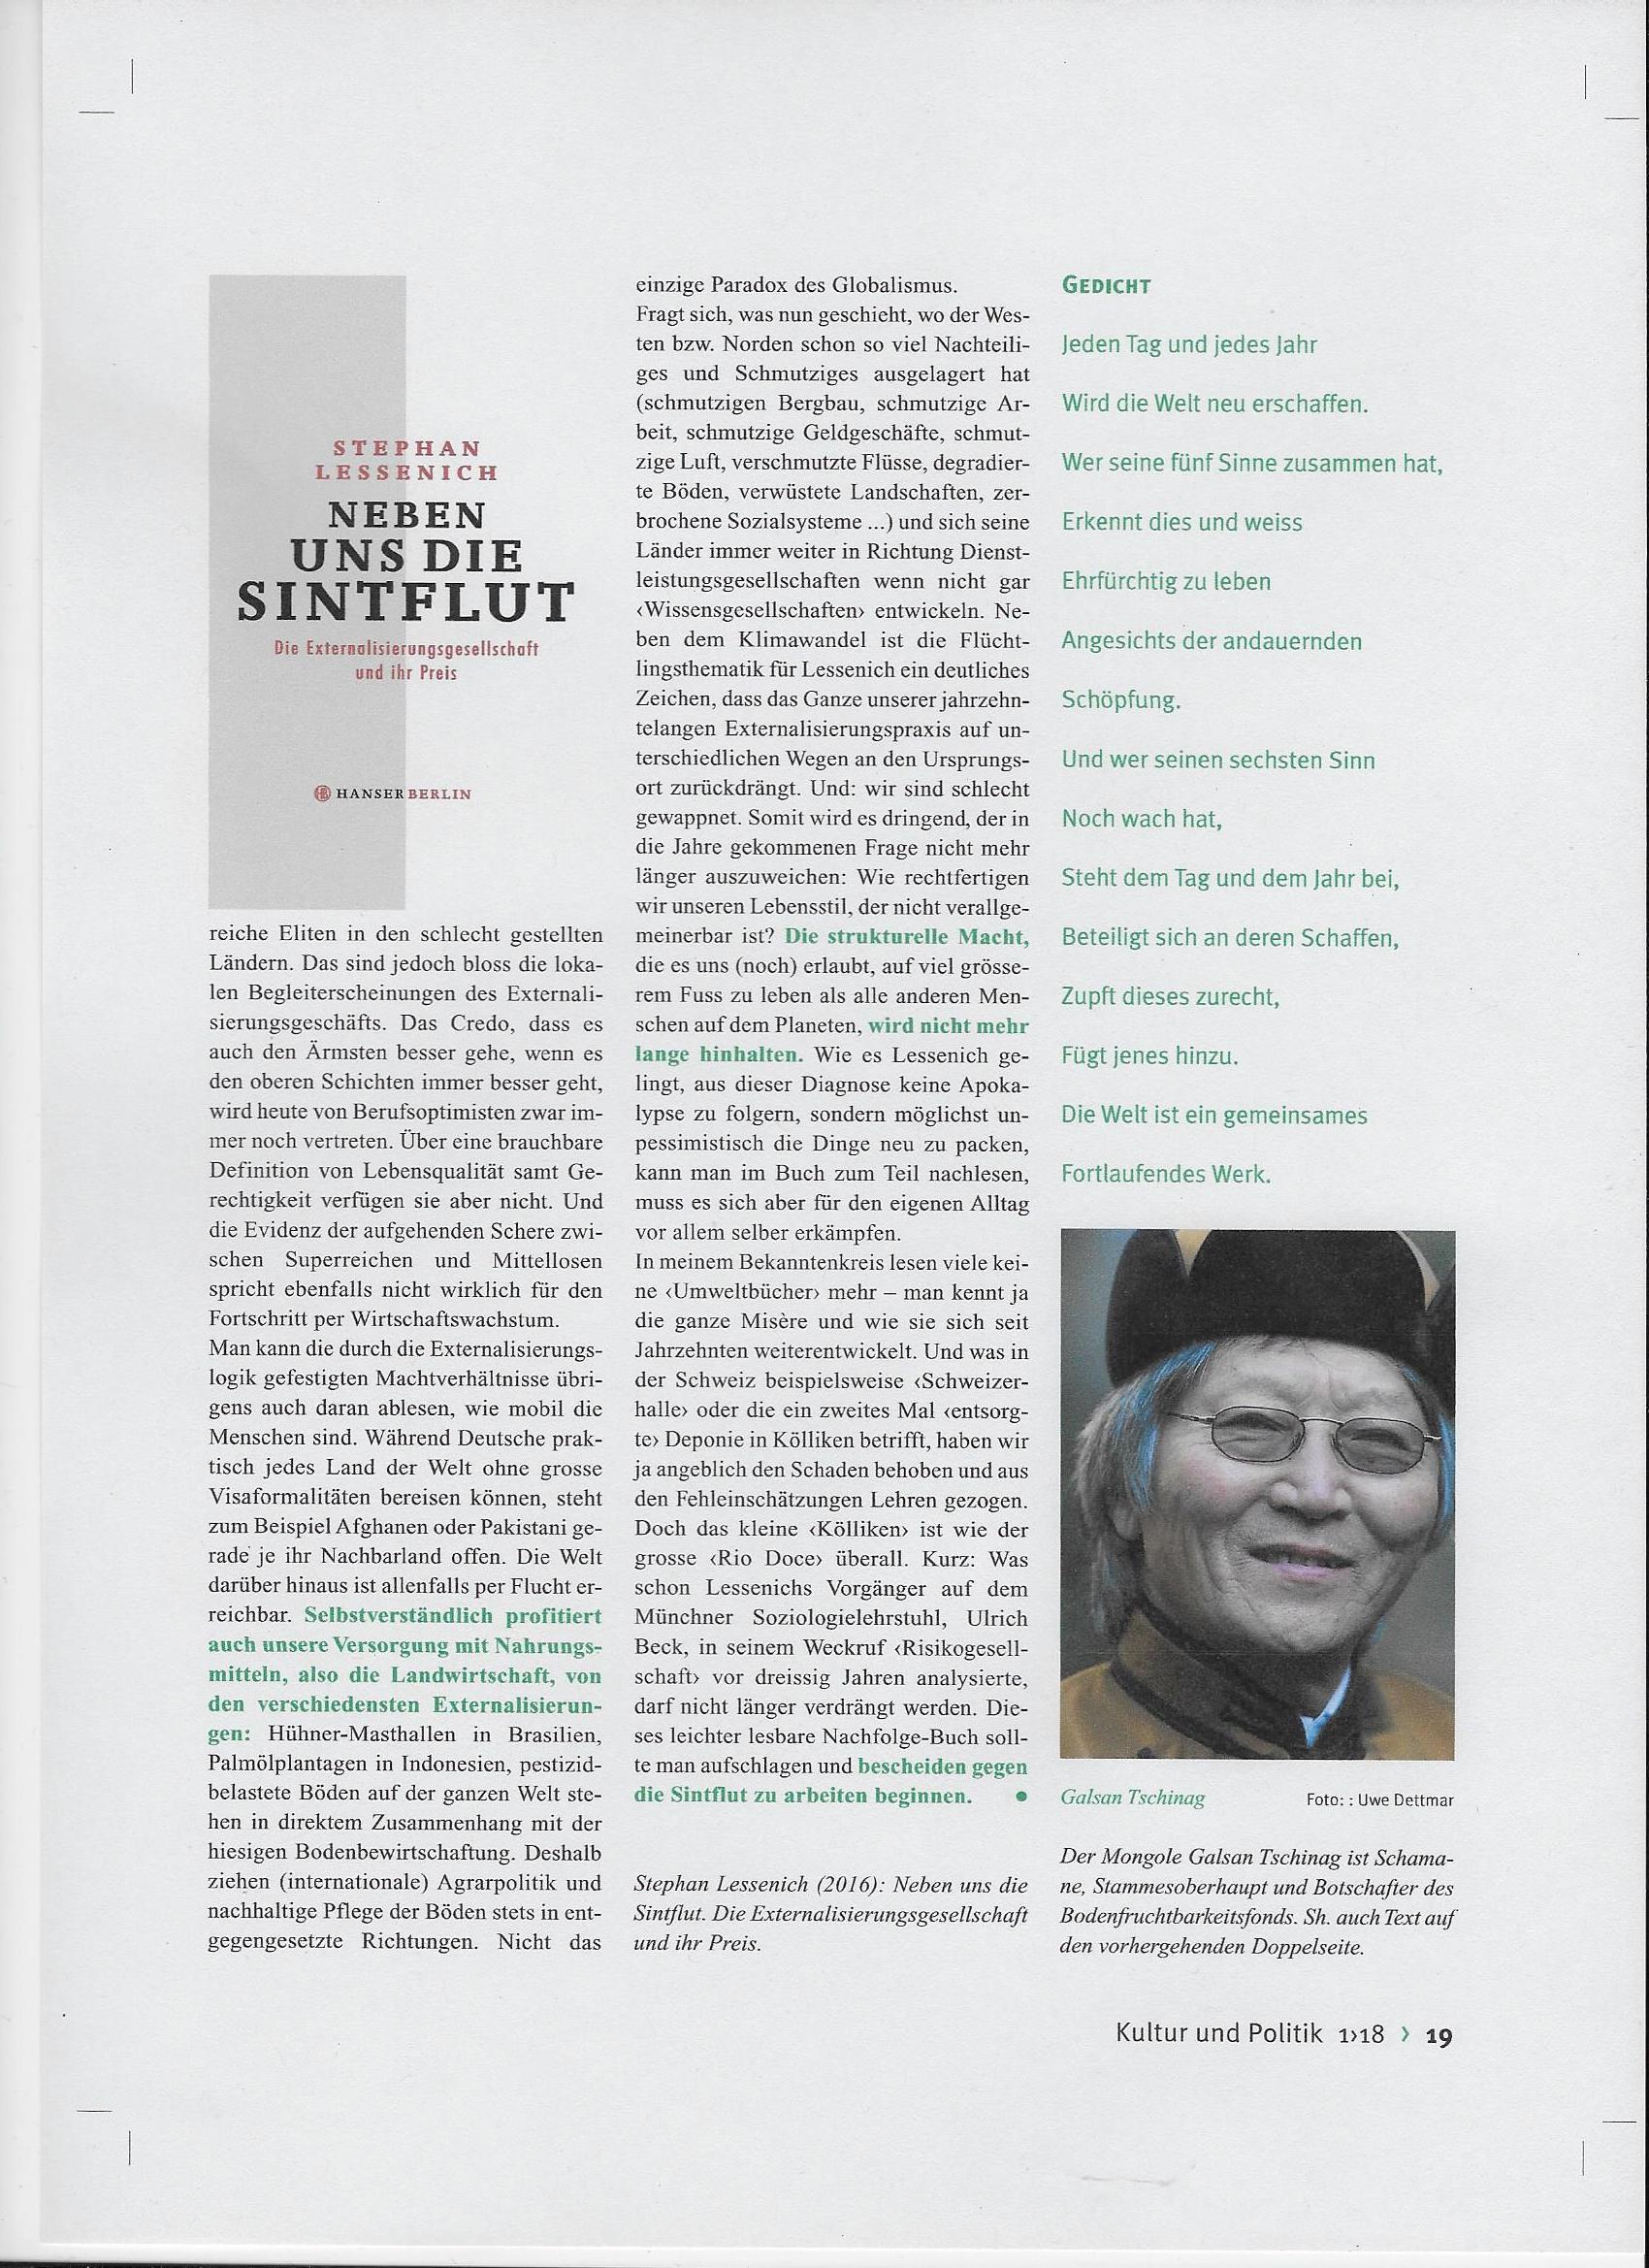 Artikel Stephan Lessenich.2.jpeg